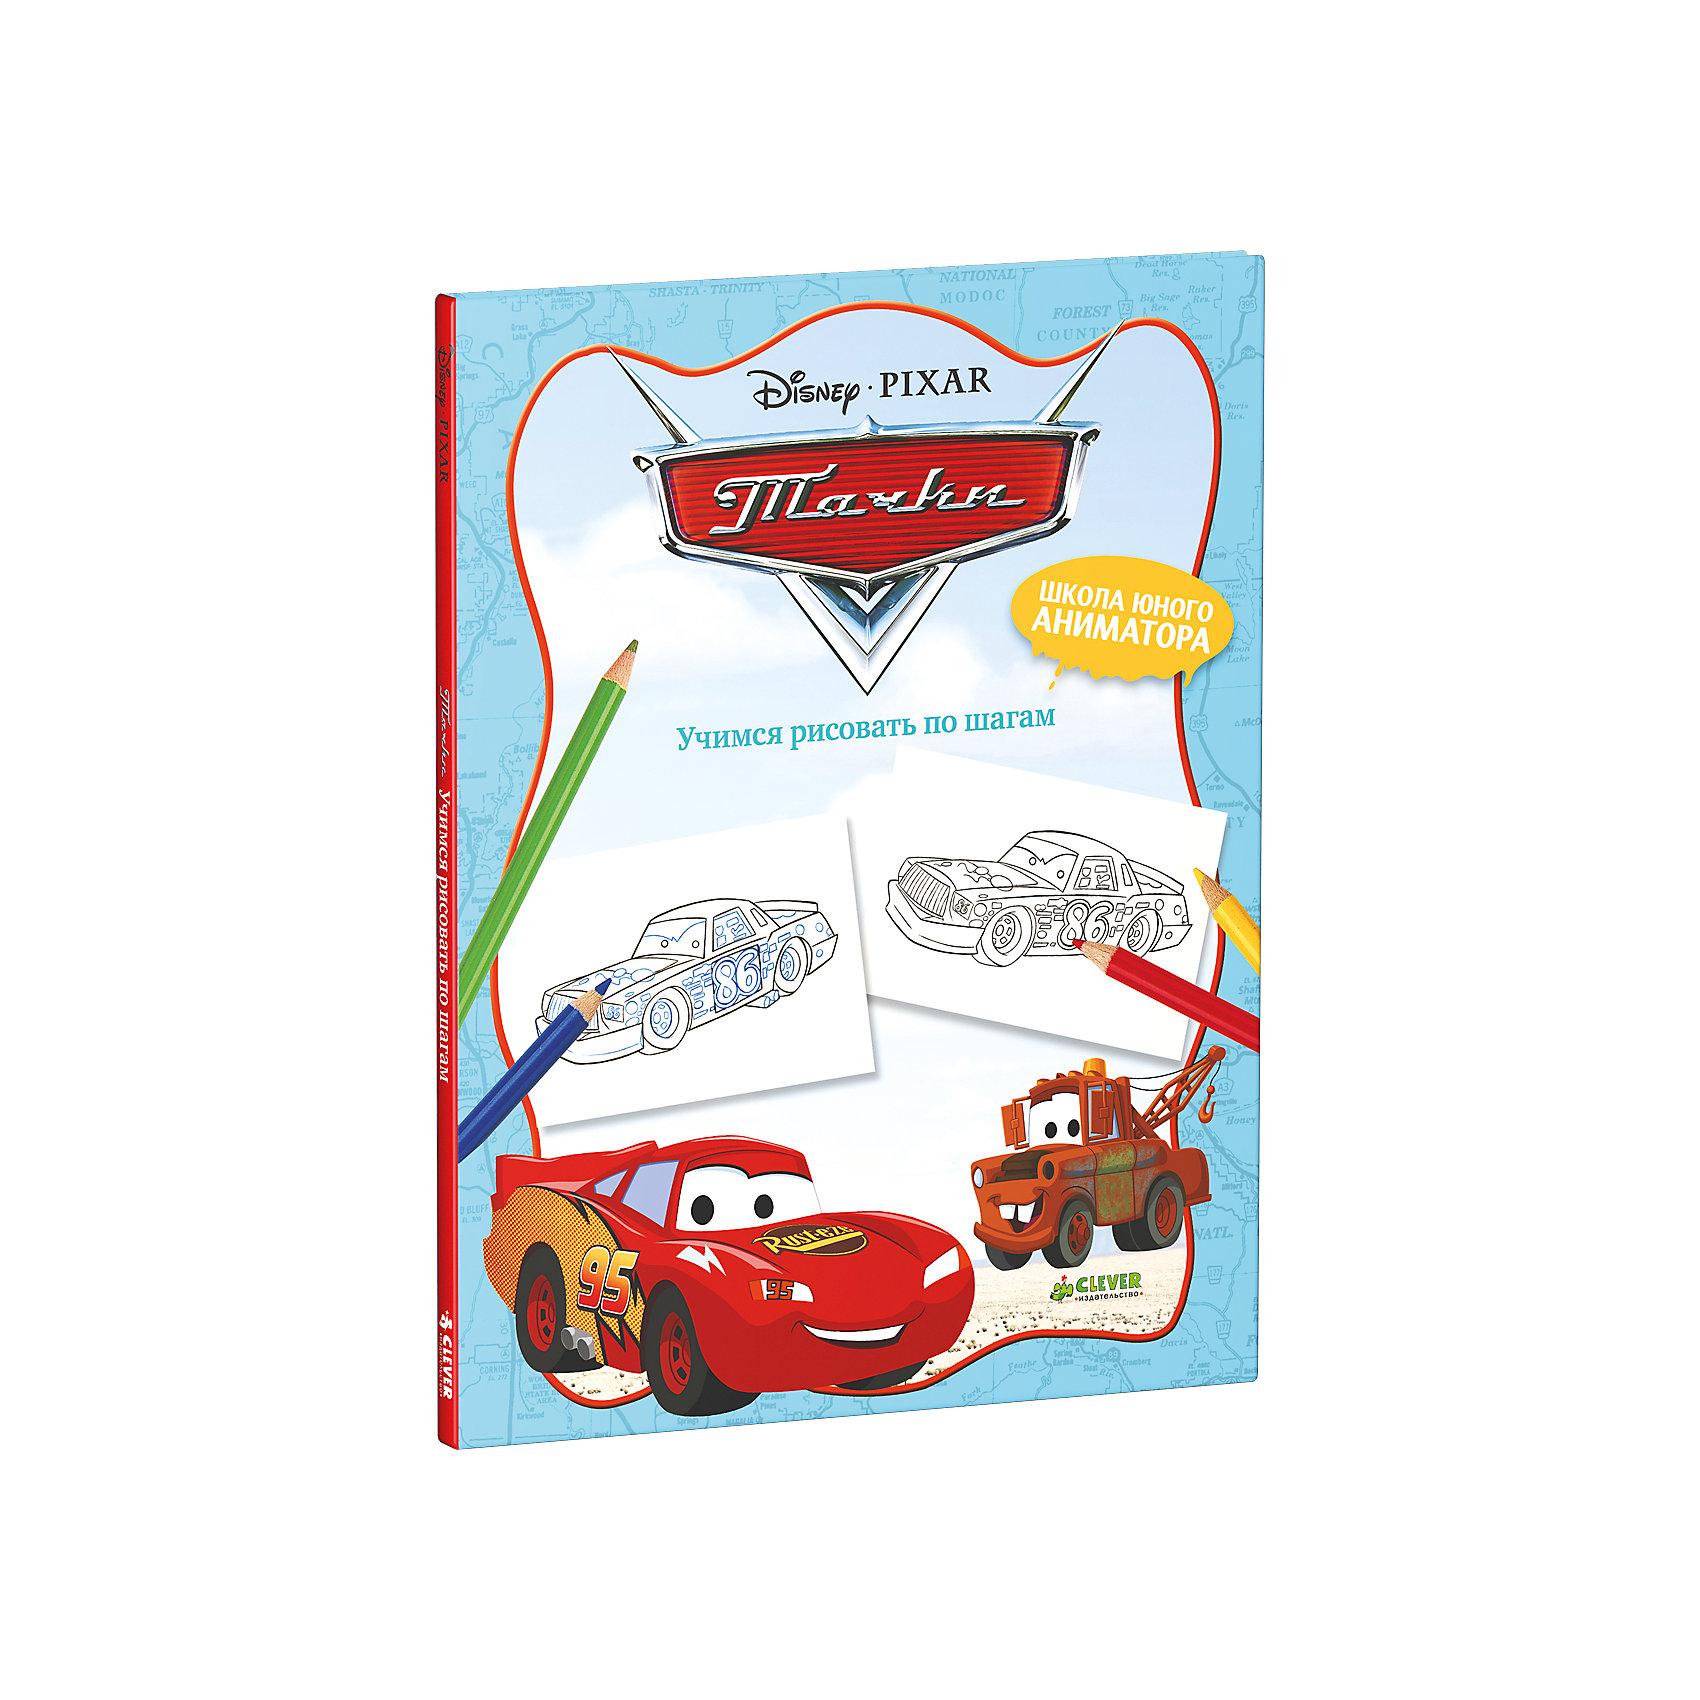 Учимся рисовать по шагам, ТачкиПошаговая рисовалка героев мультфильма Тачки (Cars) обязательно понравится мальчишкам! Наверняка, ты всегда мечтал научиться рисовать любимых мультяшек? Скорее открывай эту замечательную книжку-рисовалку, бери карандаши и следуй чётким и простым пошаговым инструкциям. Посмотри, как машины оживают прямо на глазах!<br><br>Дополнительная информация:<br><br>- Формат: 21,5х28 см.<br>- Количество страниц: 64.<br>- Переплет: мягкий.<br>- Иллюстрации: цветные, черно-белые.<br><br>Книгу Учимся рисовать по шагам, Тачки, можно купить в нашем магазине.<br><br>Ширина мм: 217<br>Глубина мм: 280<br>Высота мм: 15<br>Вес г: 270<br>Возраст от месяцев: 48<br>Возраст до месяцев: 72<br>Пол: Мужской<br>Возраст: Детский<br>SKU: 4419563